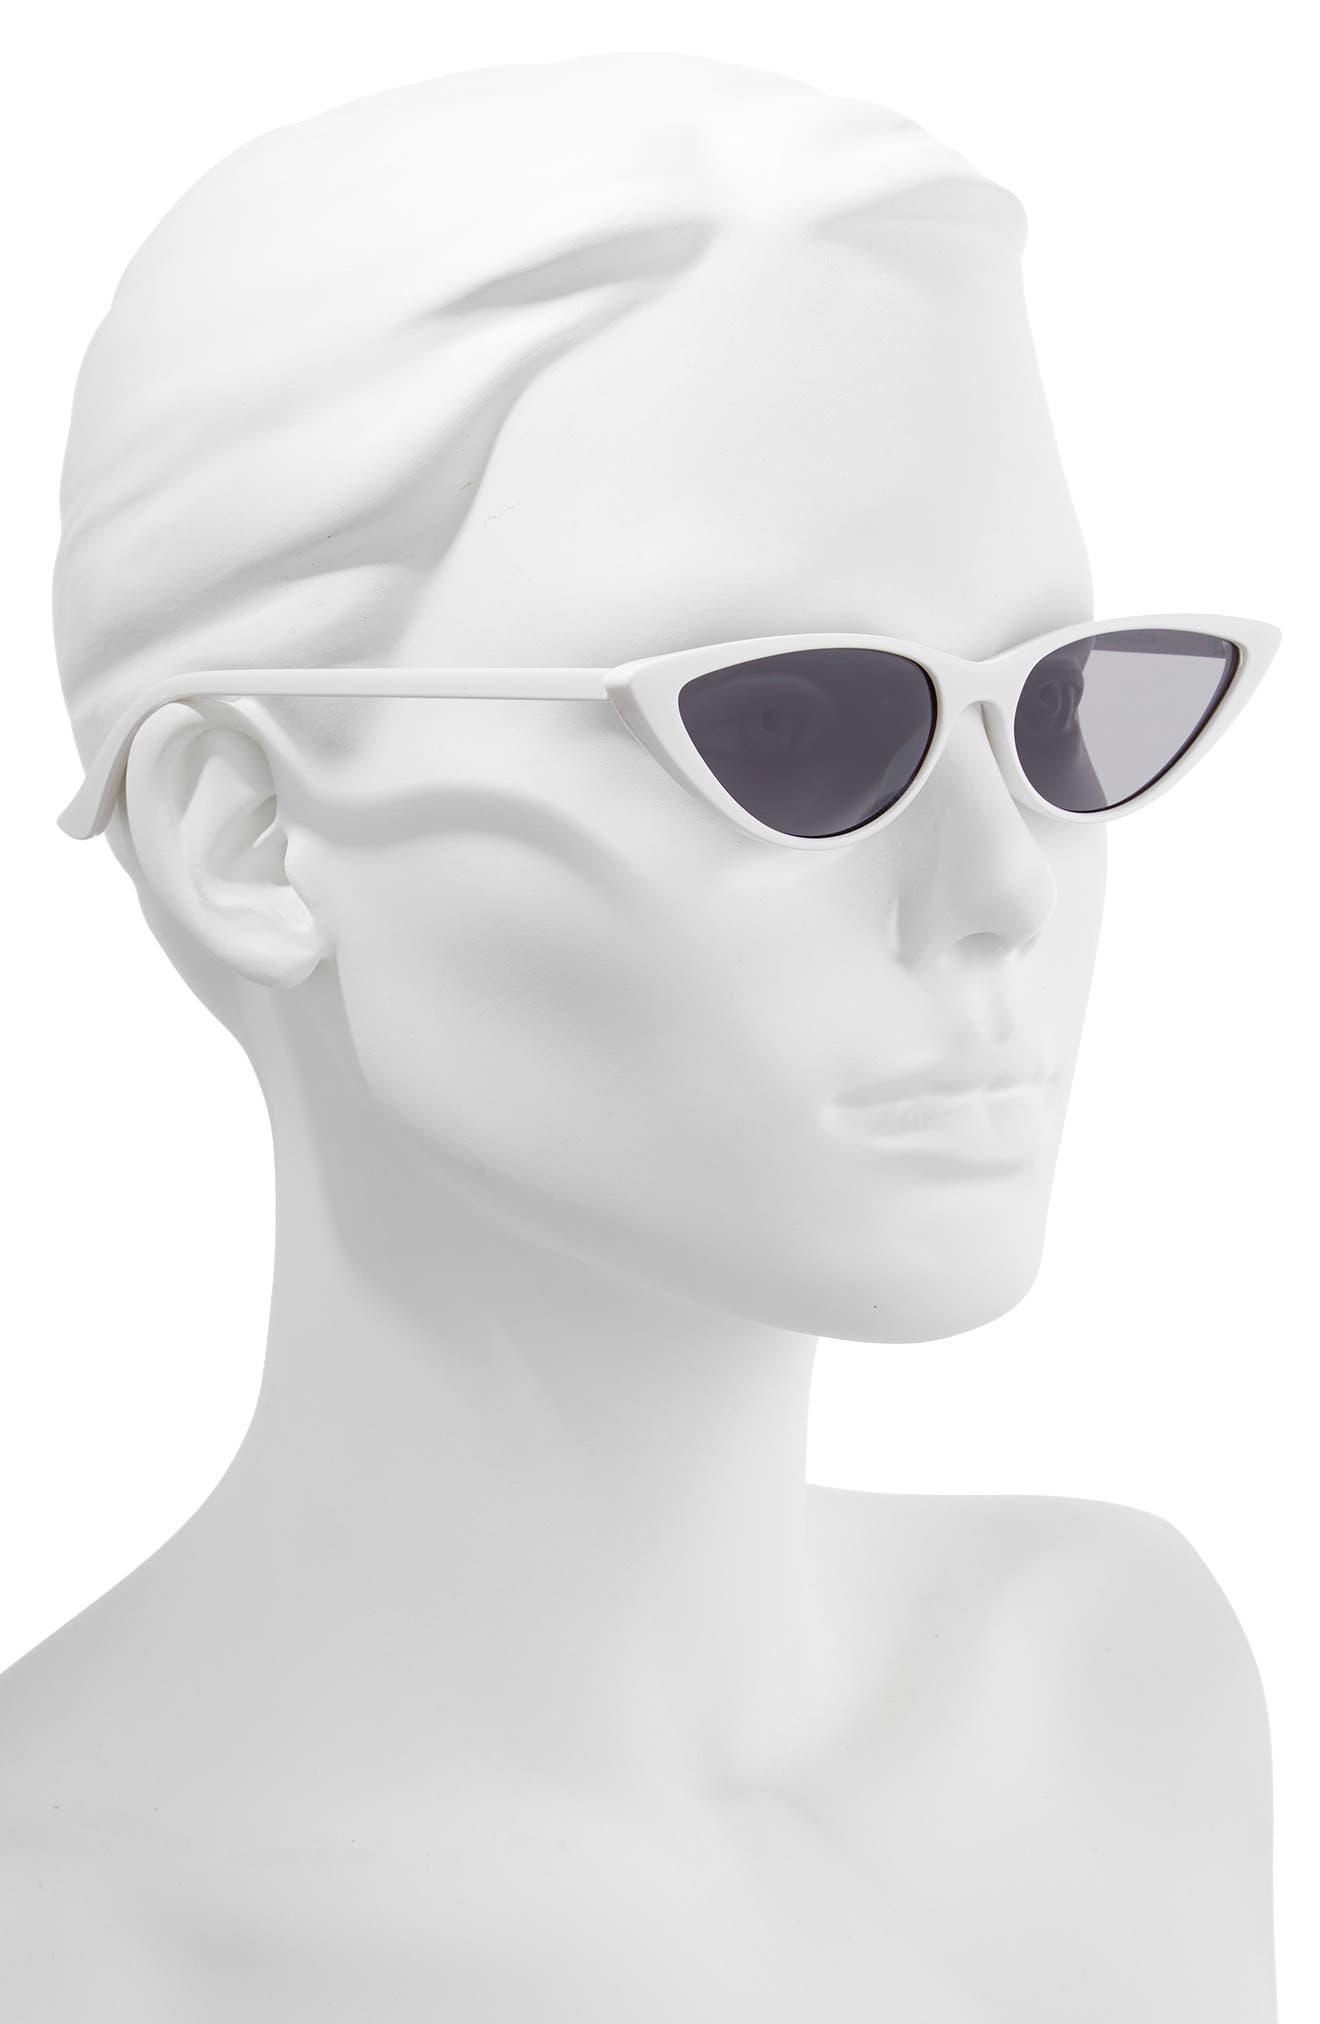 55mm Cat Eye Sunglasses,                             Alternate thumbnail 2, color,                             WHITE